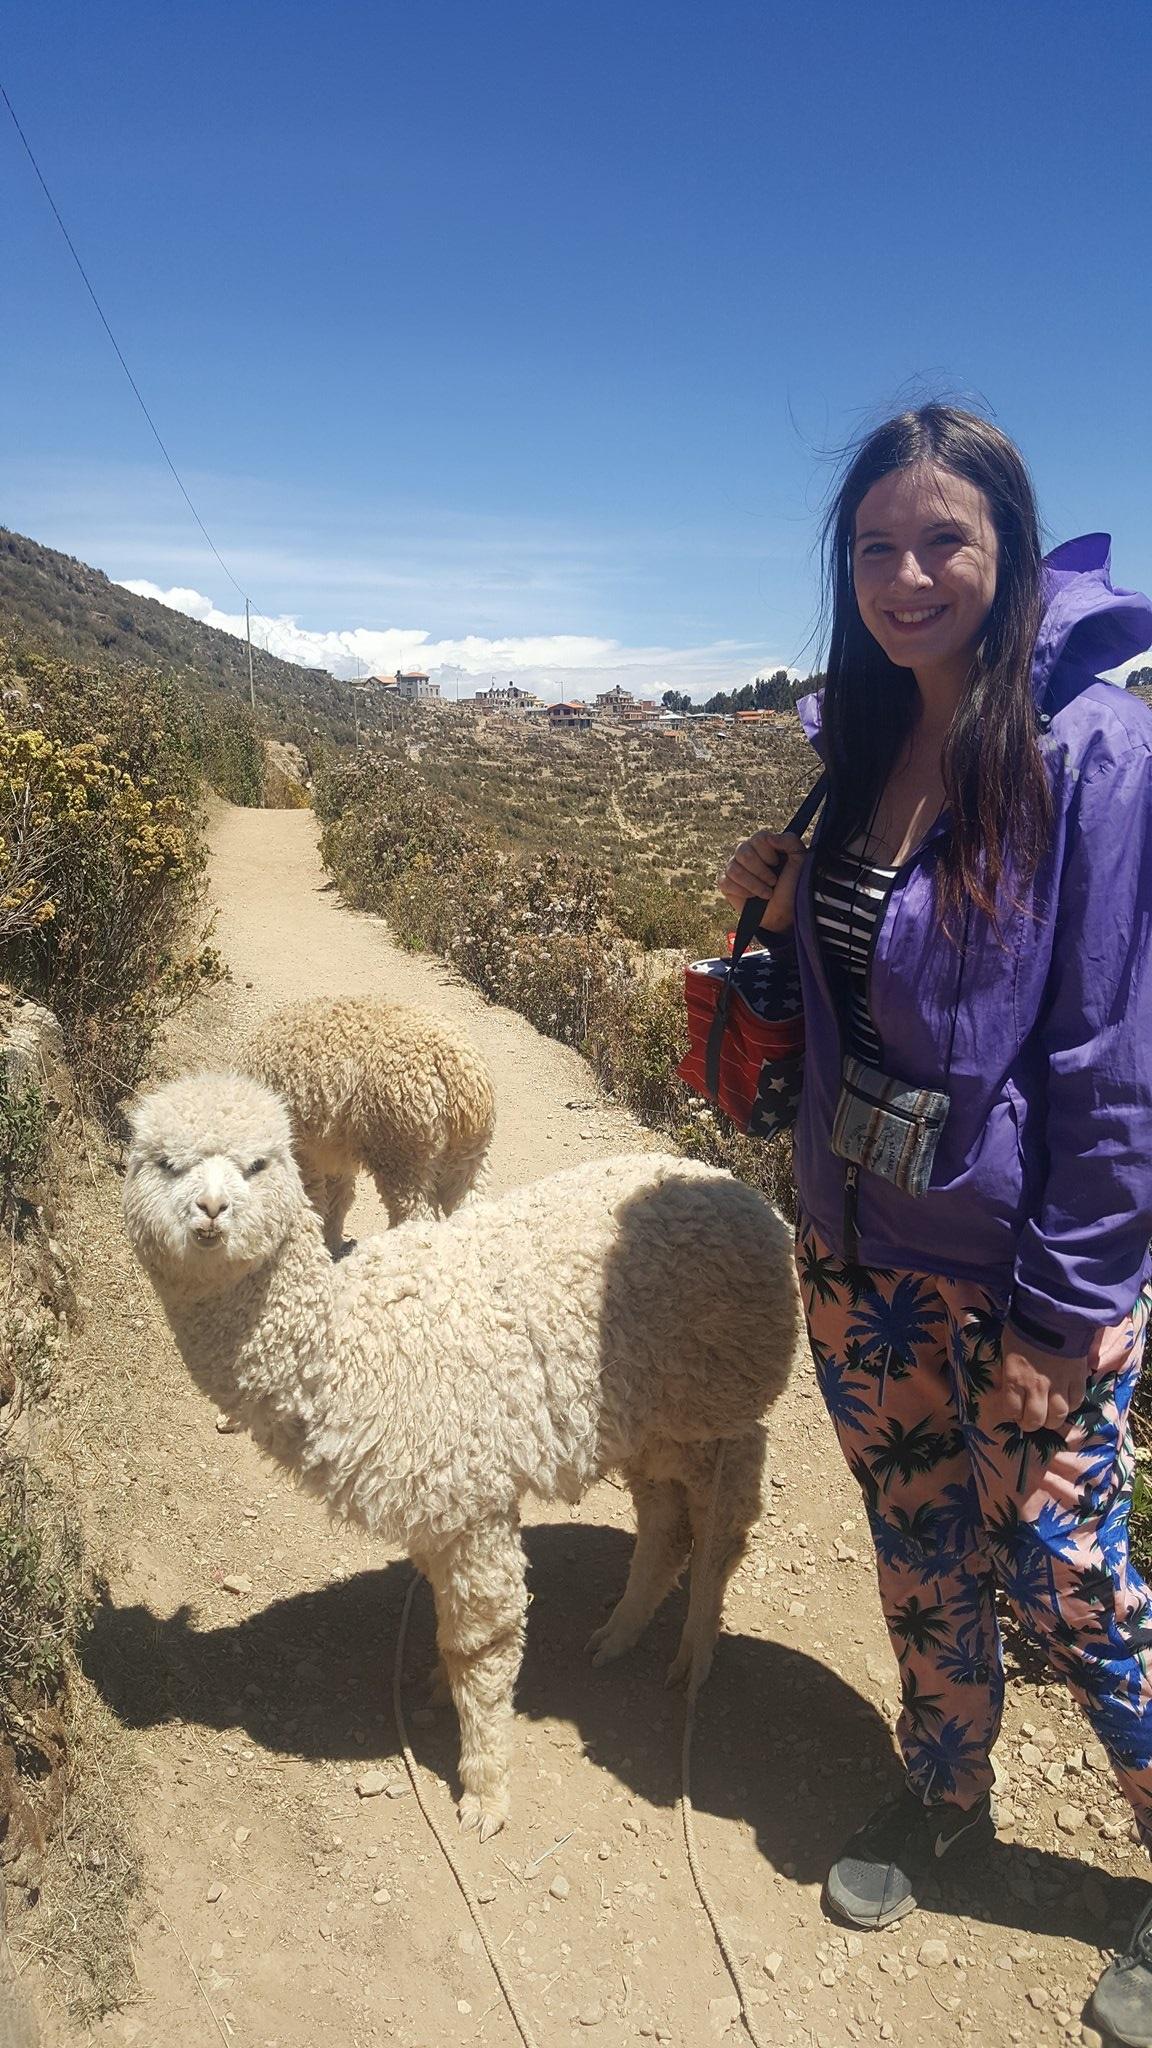 hiking Isla del sol in Bolivia